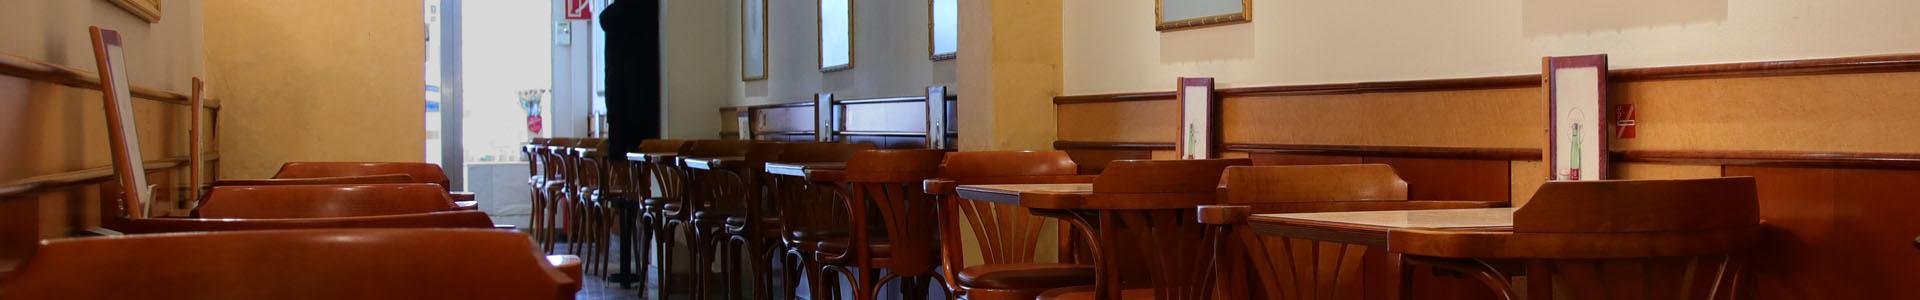 Cafe Caramel, Kaffeehaus in Wien Meidling